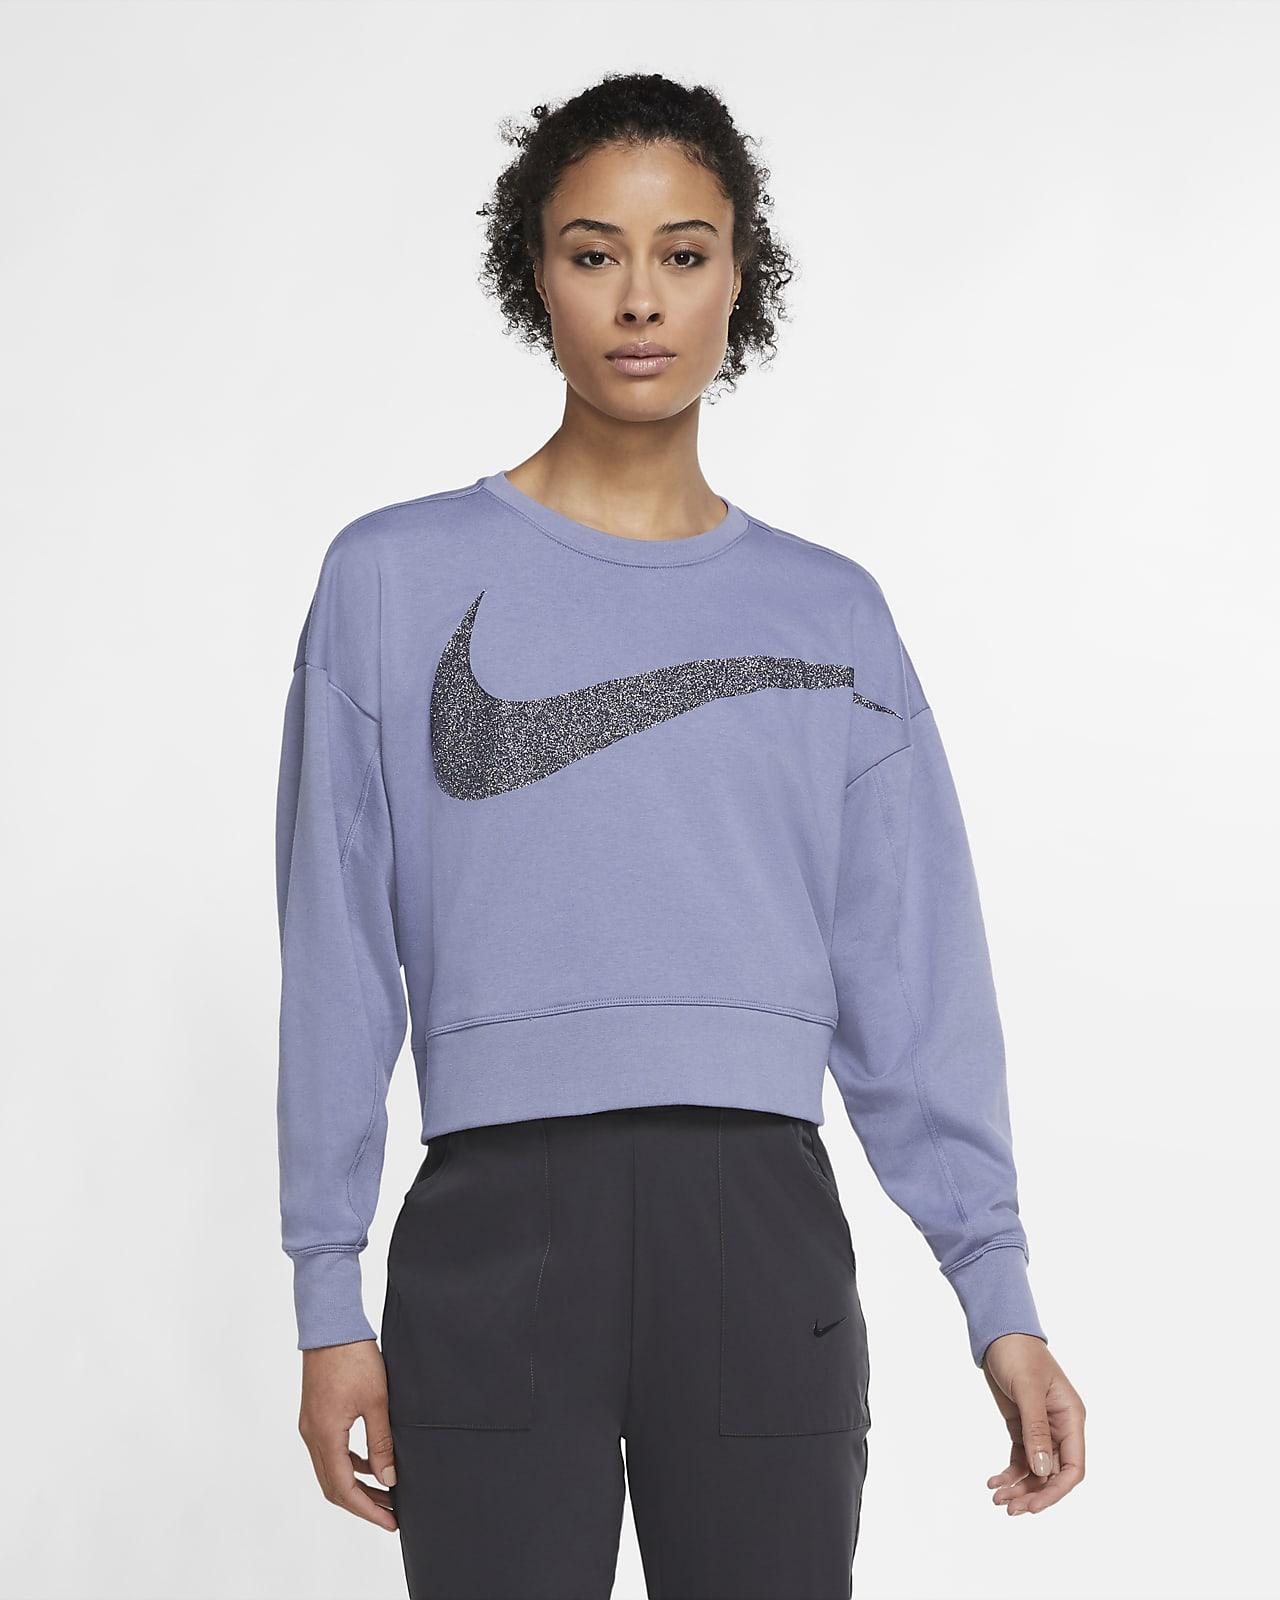 Женская флисовая футболка для тренинга с сияющим покрытием Nike Dri-FIT Get Fit